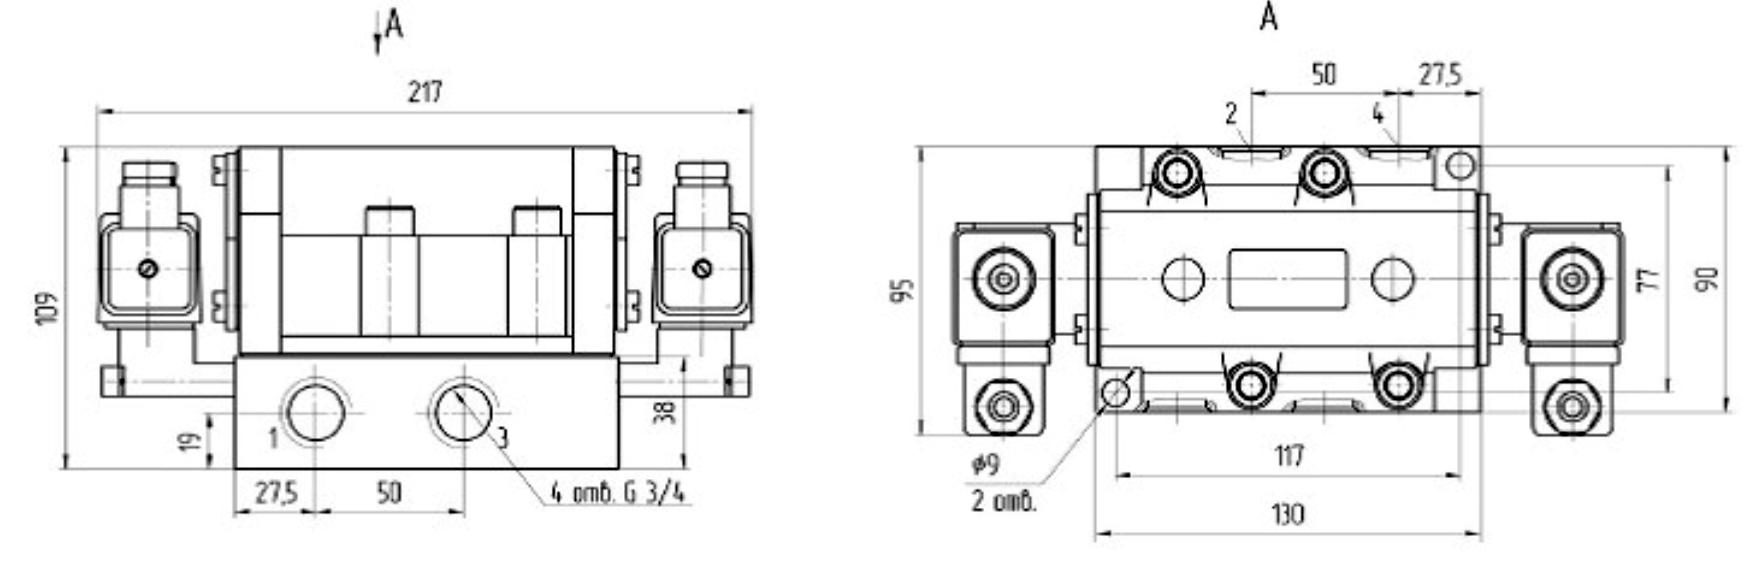 Присоединительные и габаритные размеры пневмораспределителя В64-15А-03(управление распределителем электромагнитное )